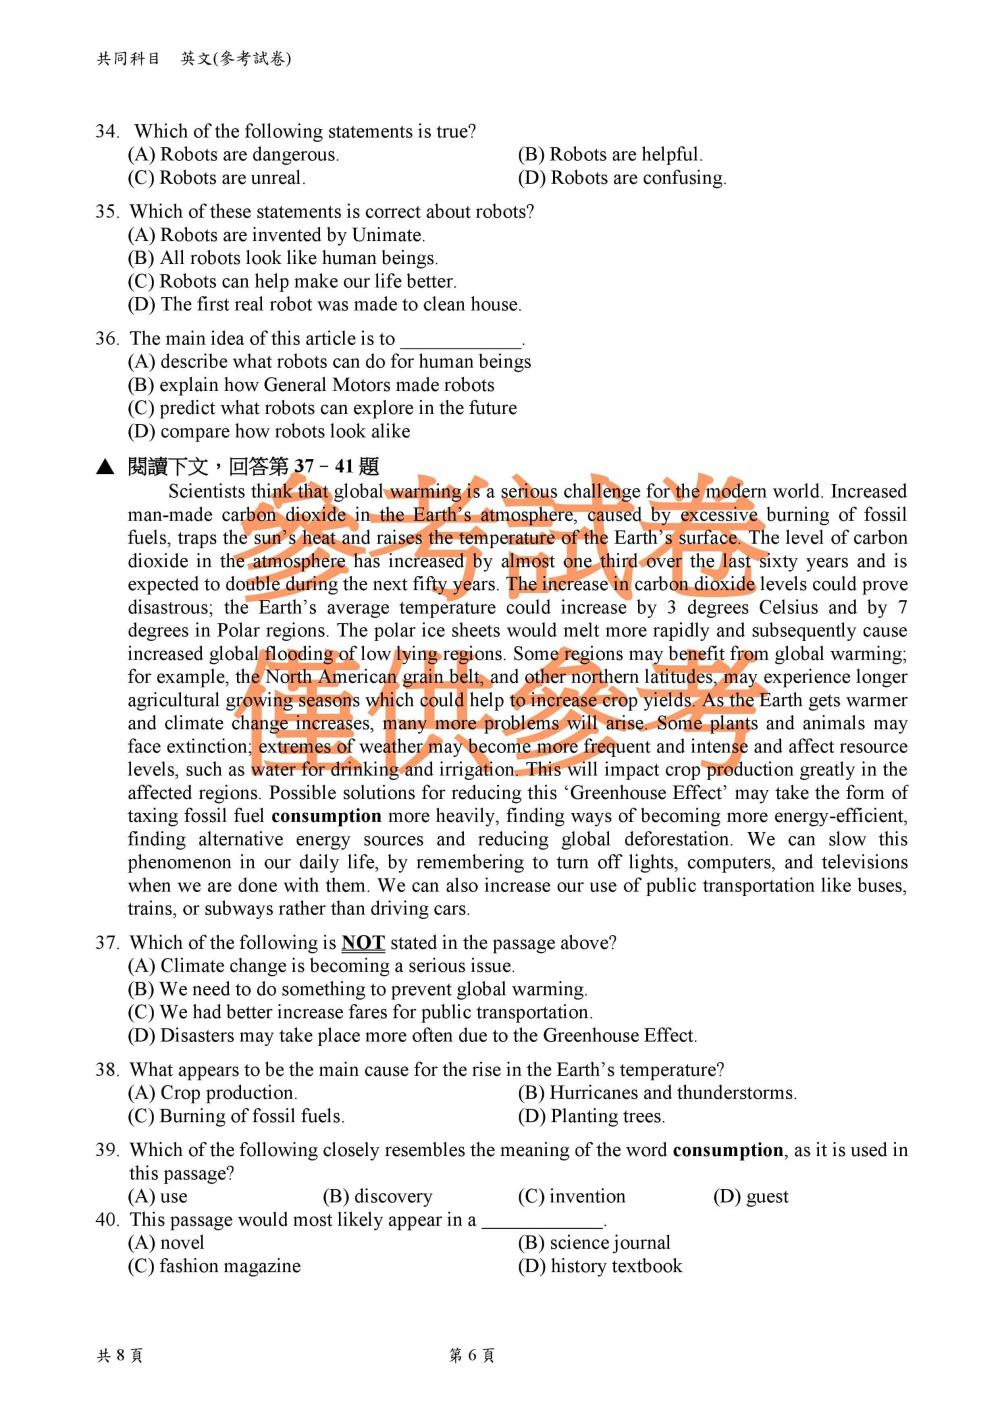 統測共同科目英文科參考試卷 0006